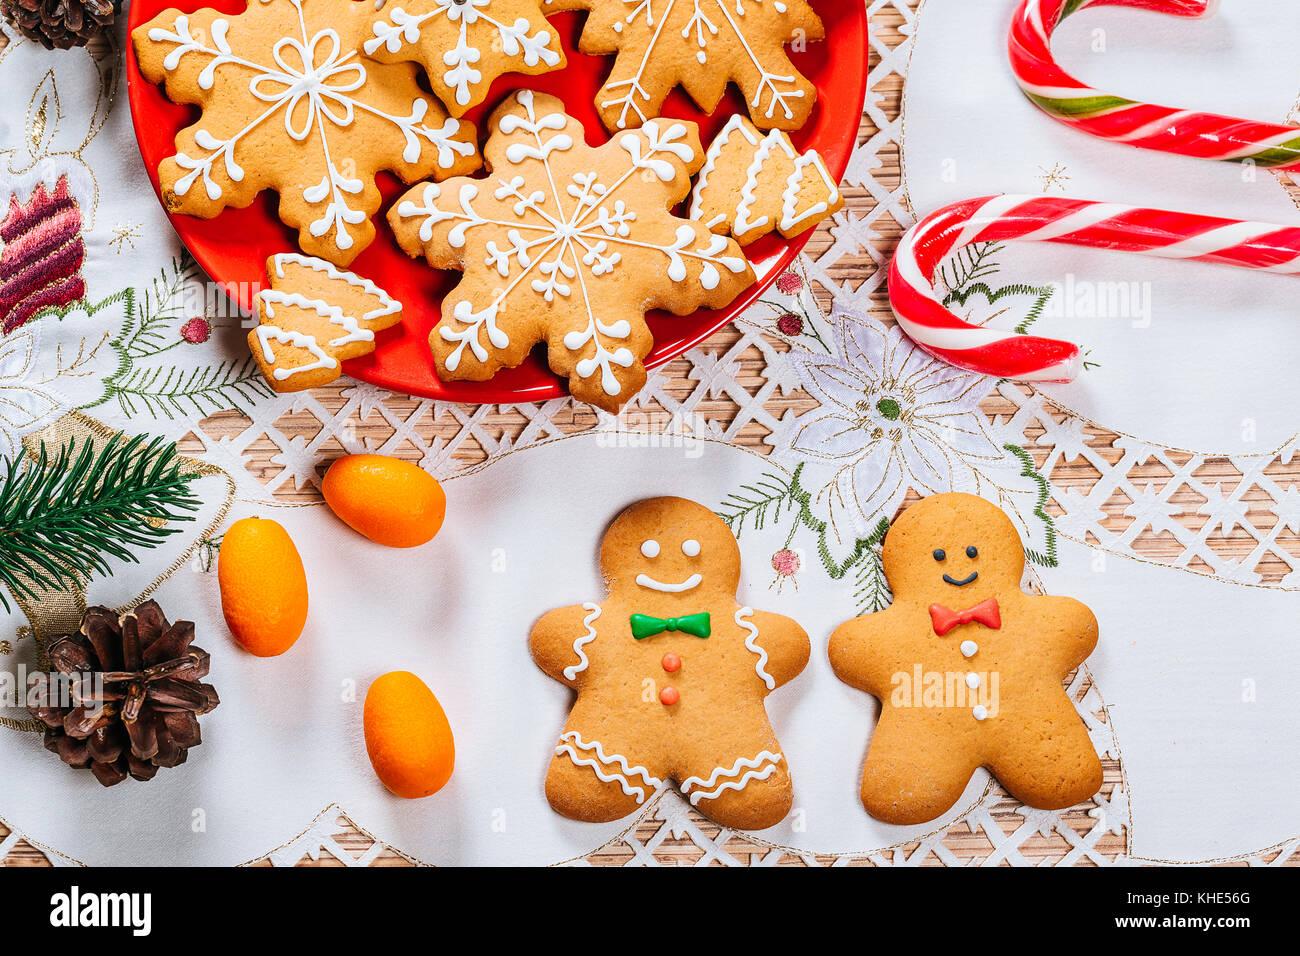 Weihnachten Lebkuchen Cookies Hausgemachte Auf Rote Platte Mit